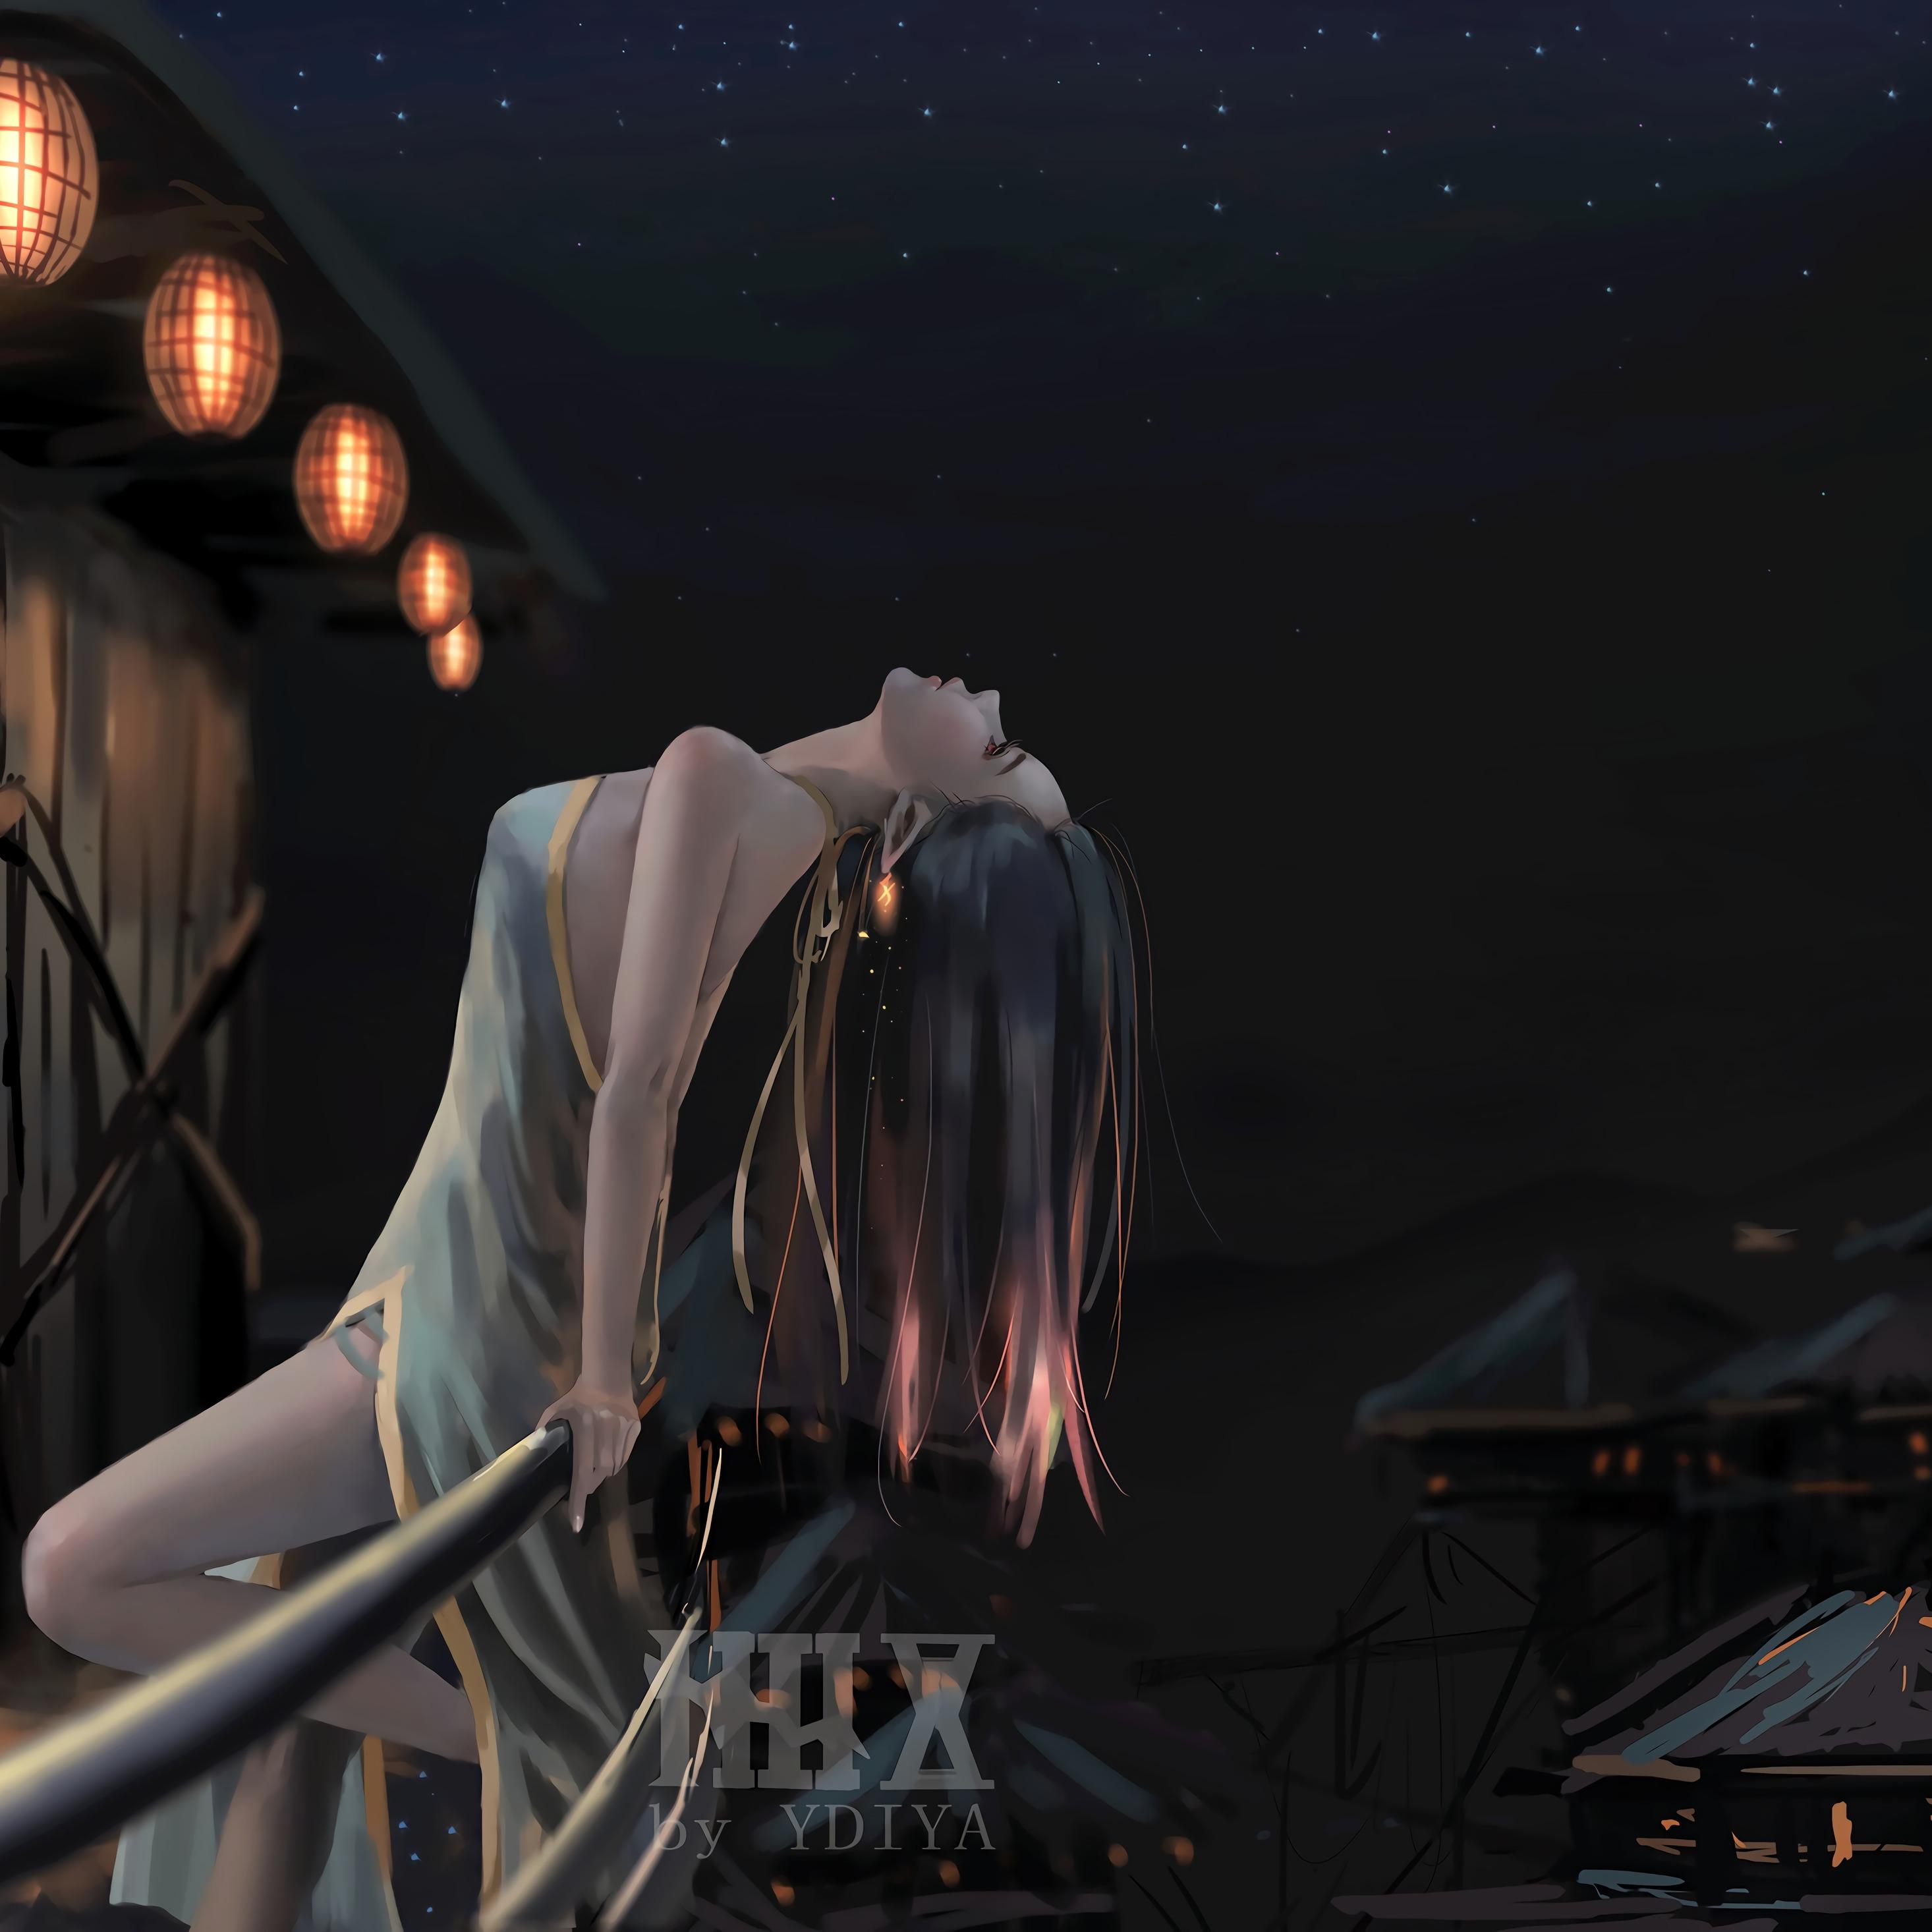 anime-girl-art-8k-ns.jpg